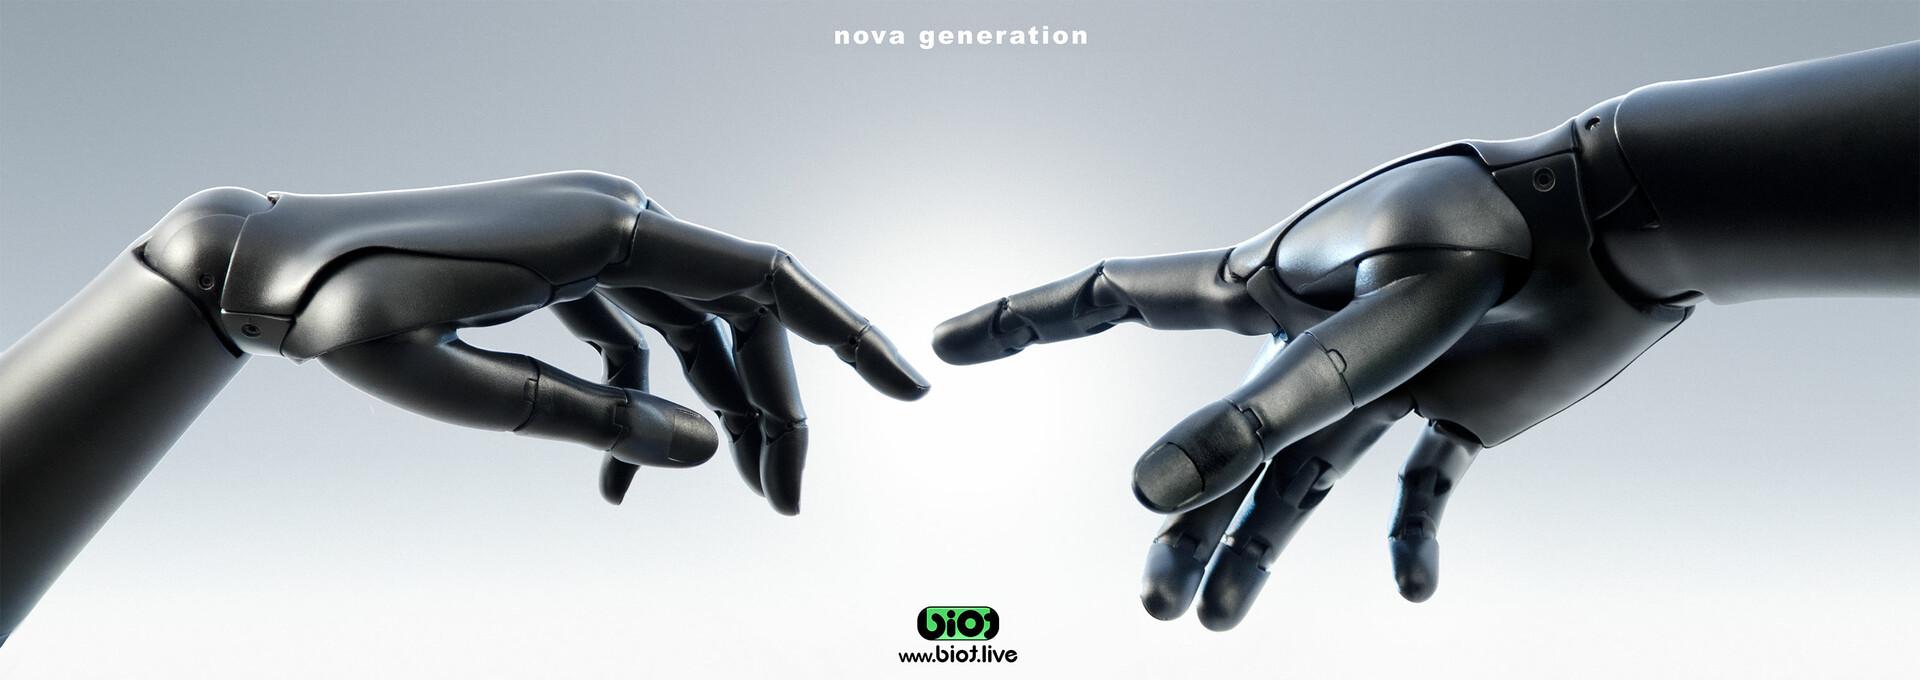 Sviatoslav gerasimchuk anthropomorphic hand bio nova generationt